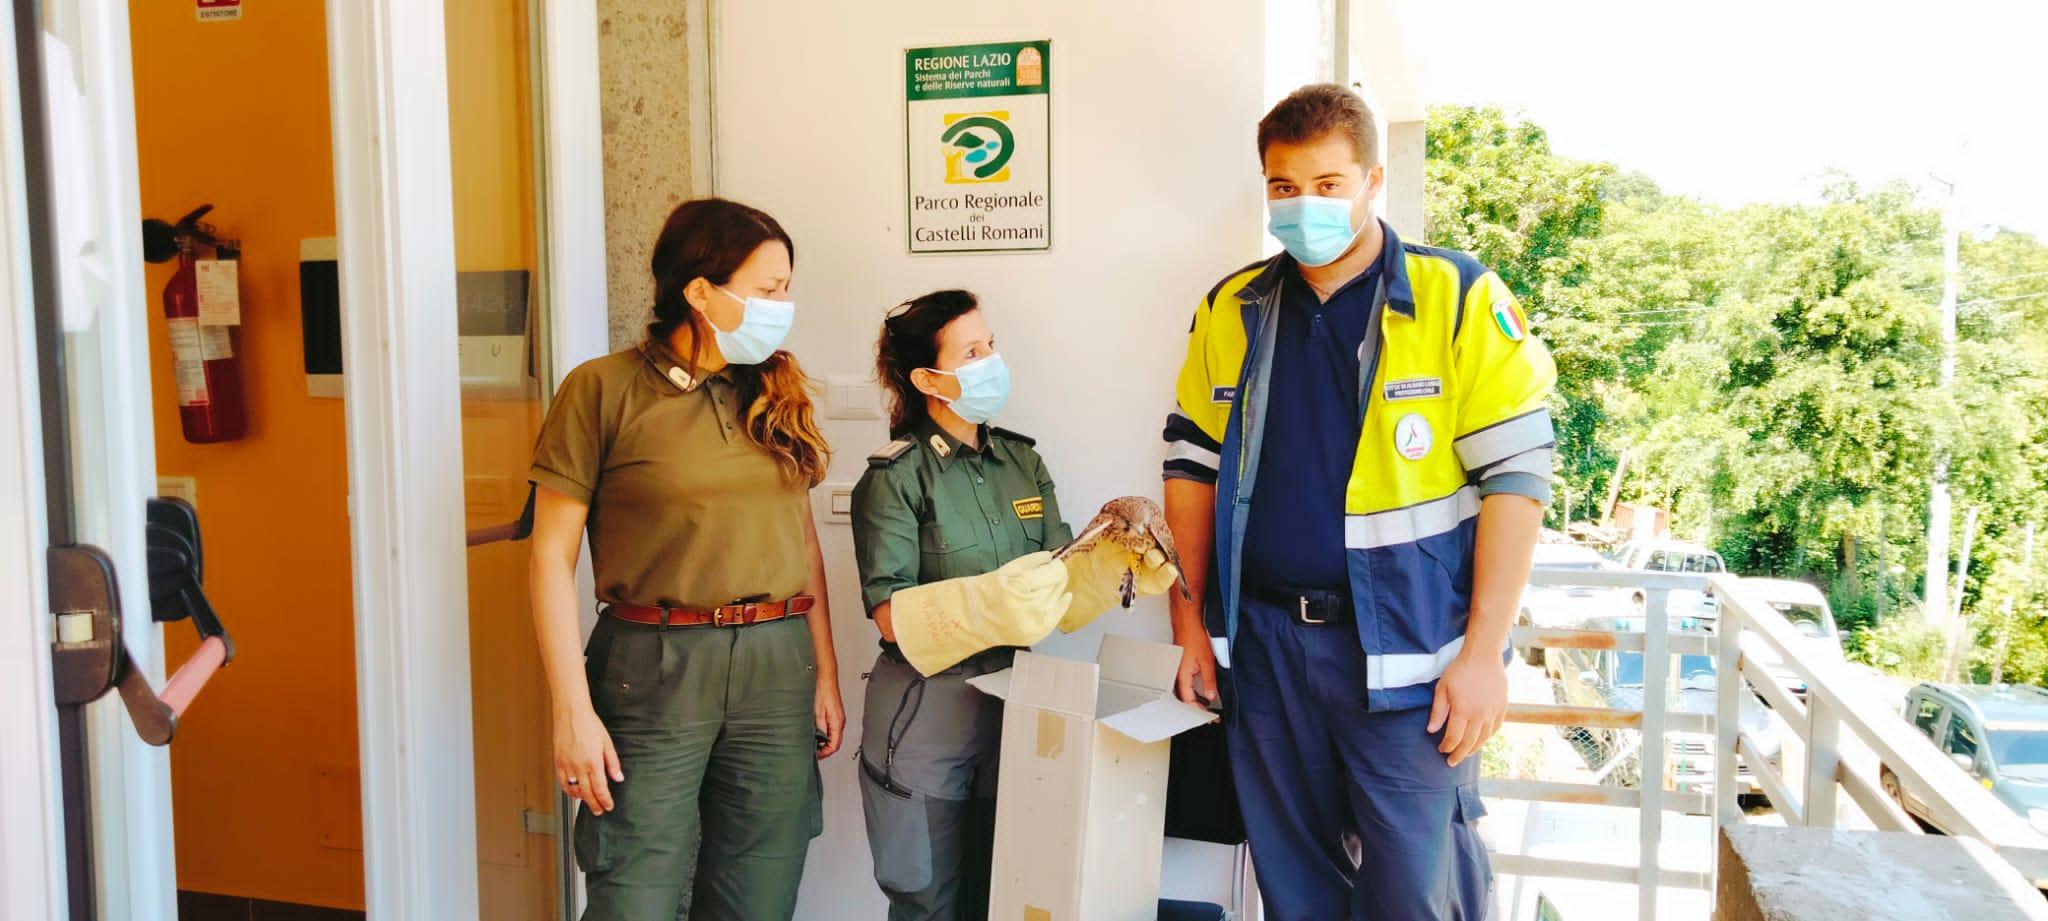 albano protezione civile guardaparco